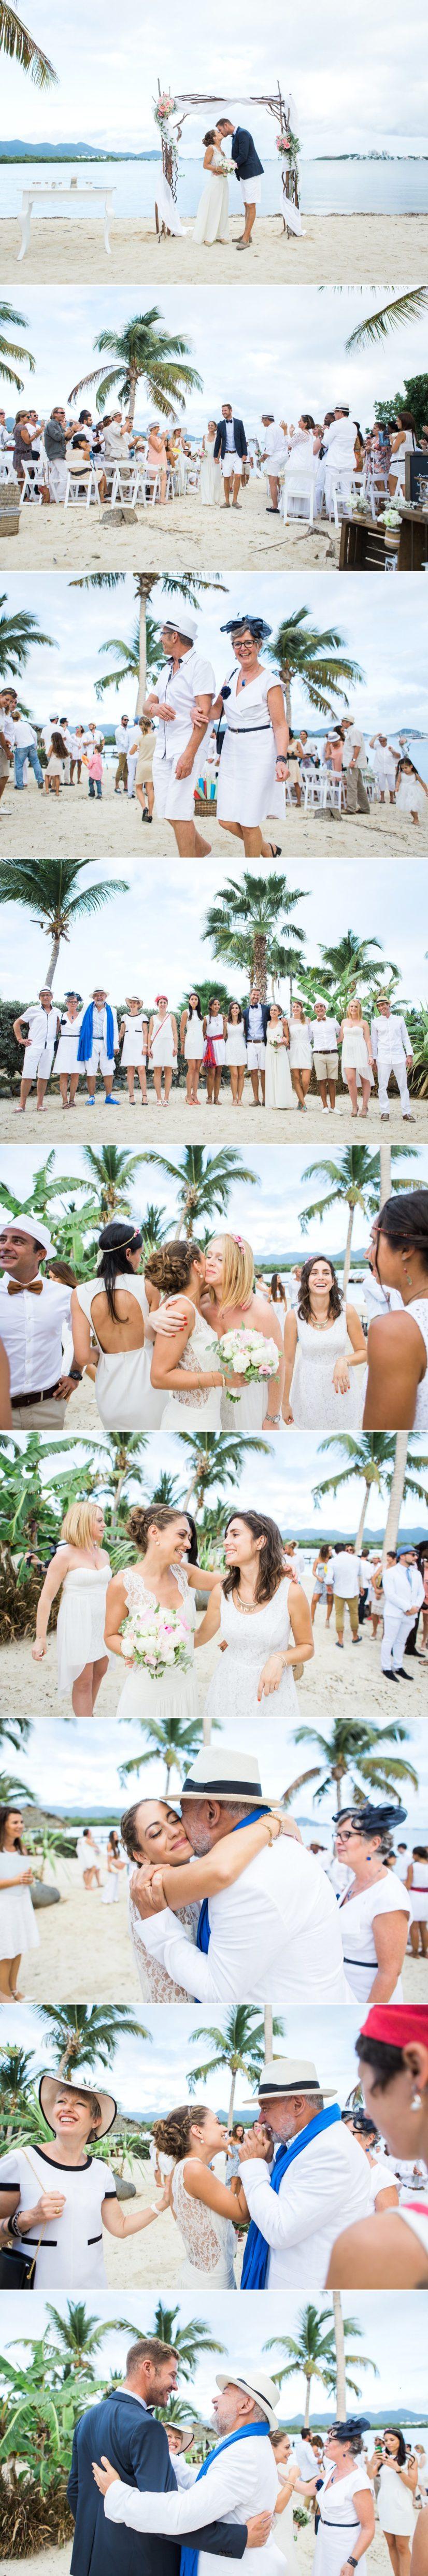 cérémonie laïque mariage caraïbes L'As de Coeur